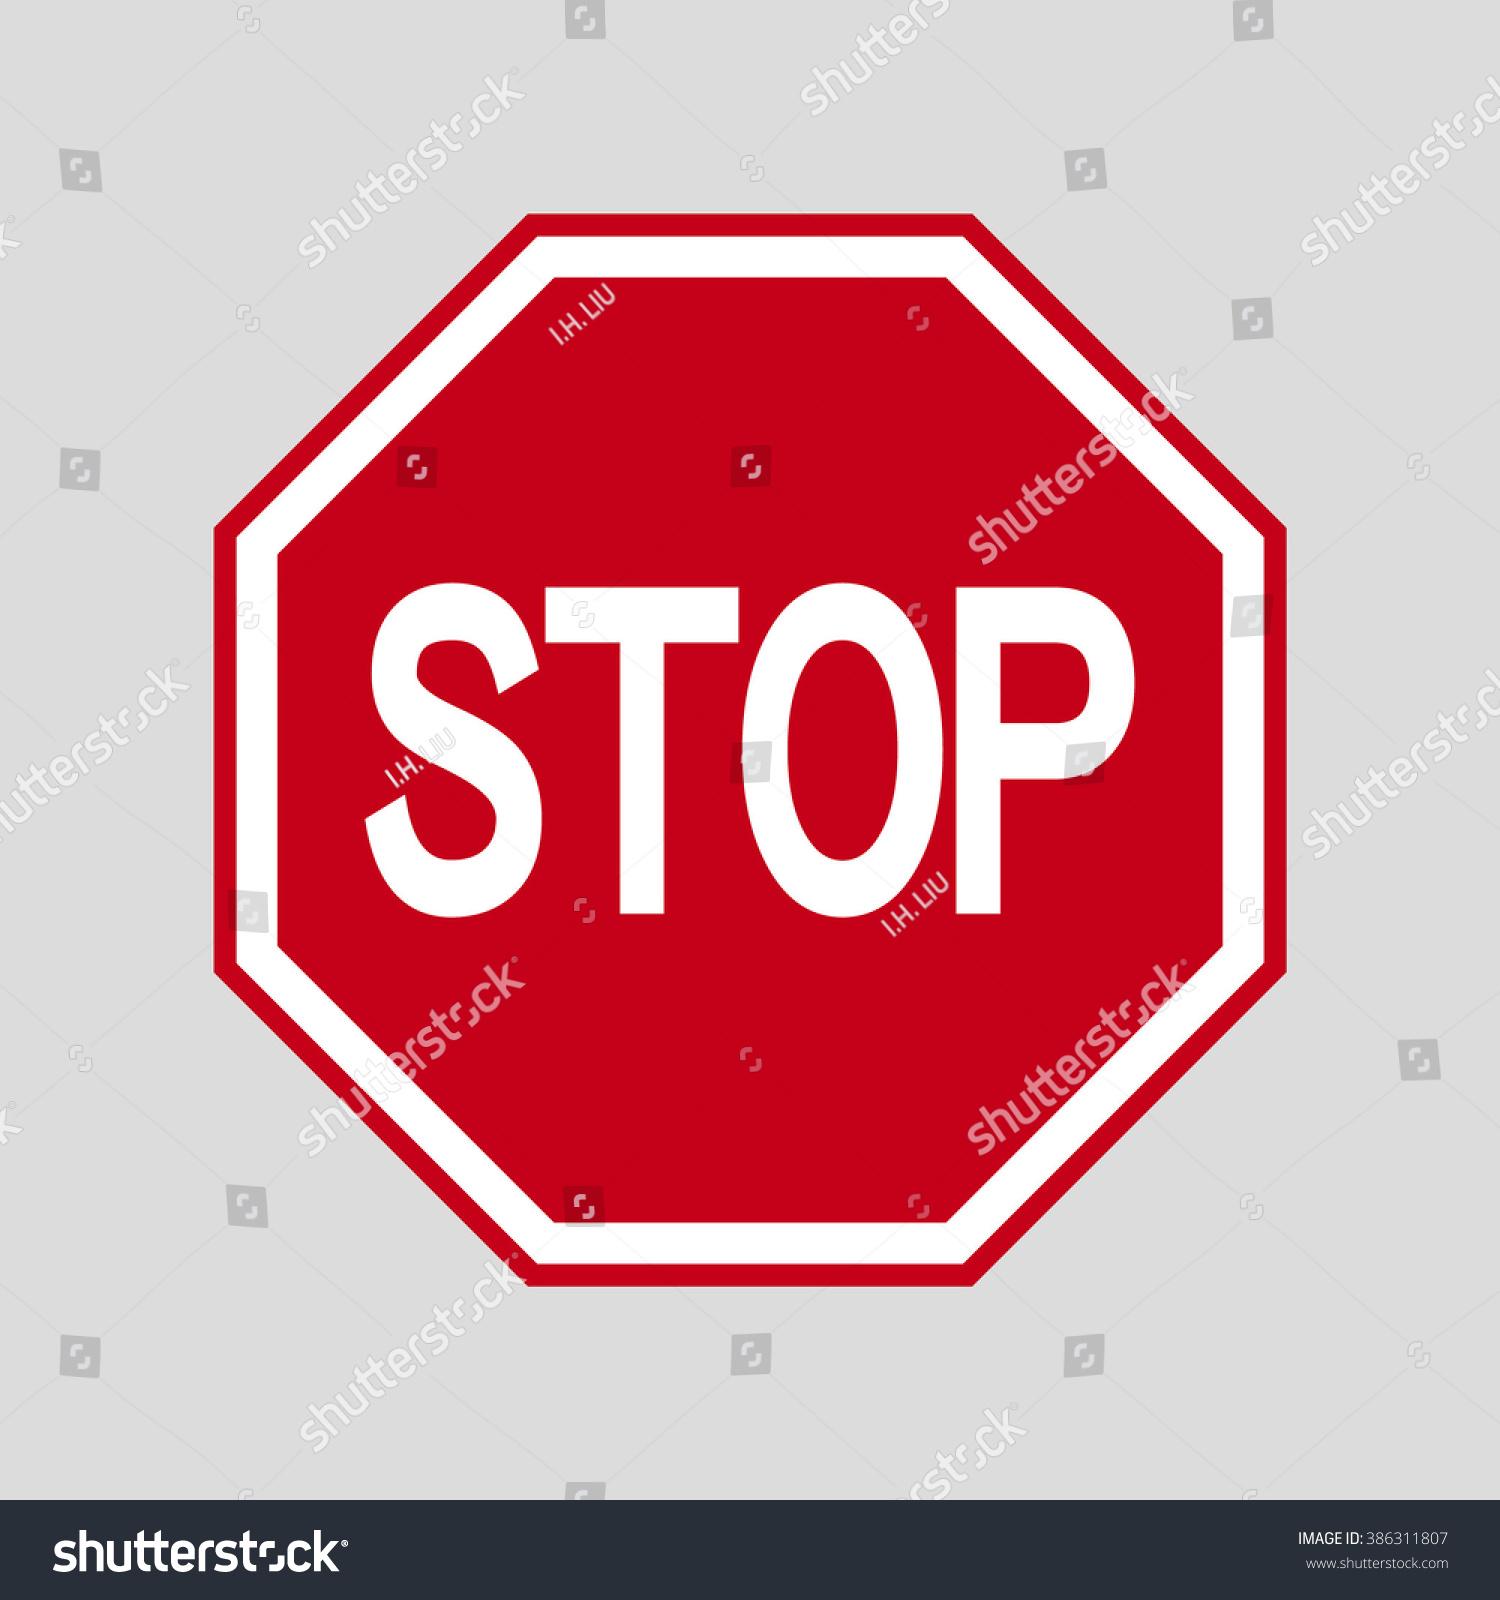 STOP DESIGN Stock Vector 386311807 - Shutterstock